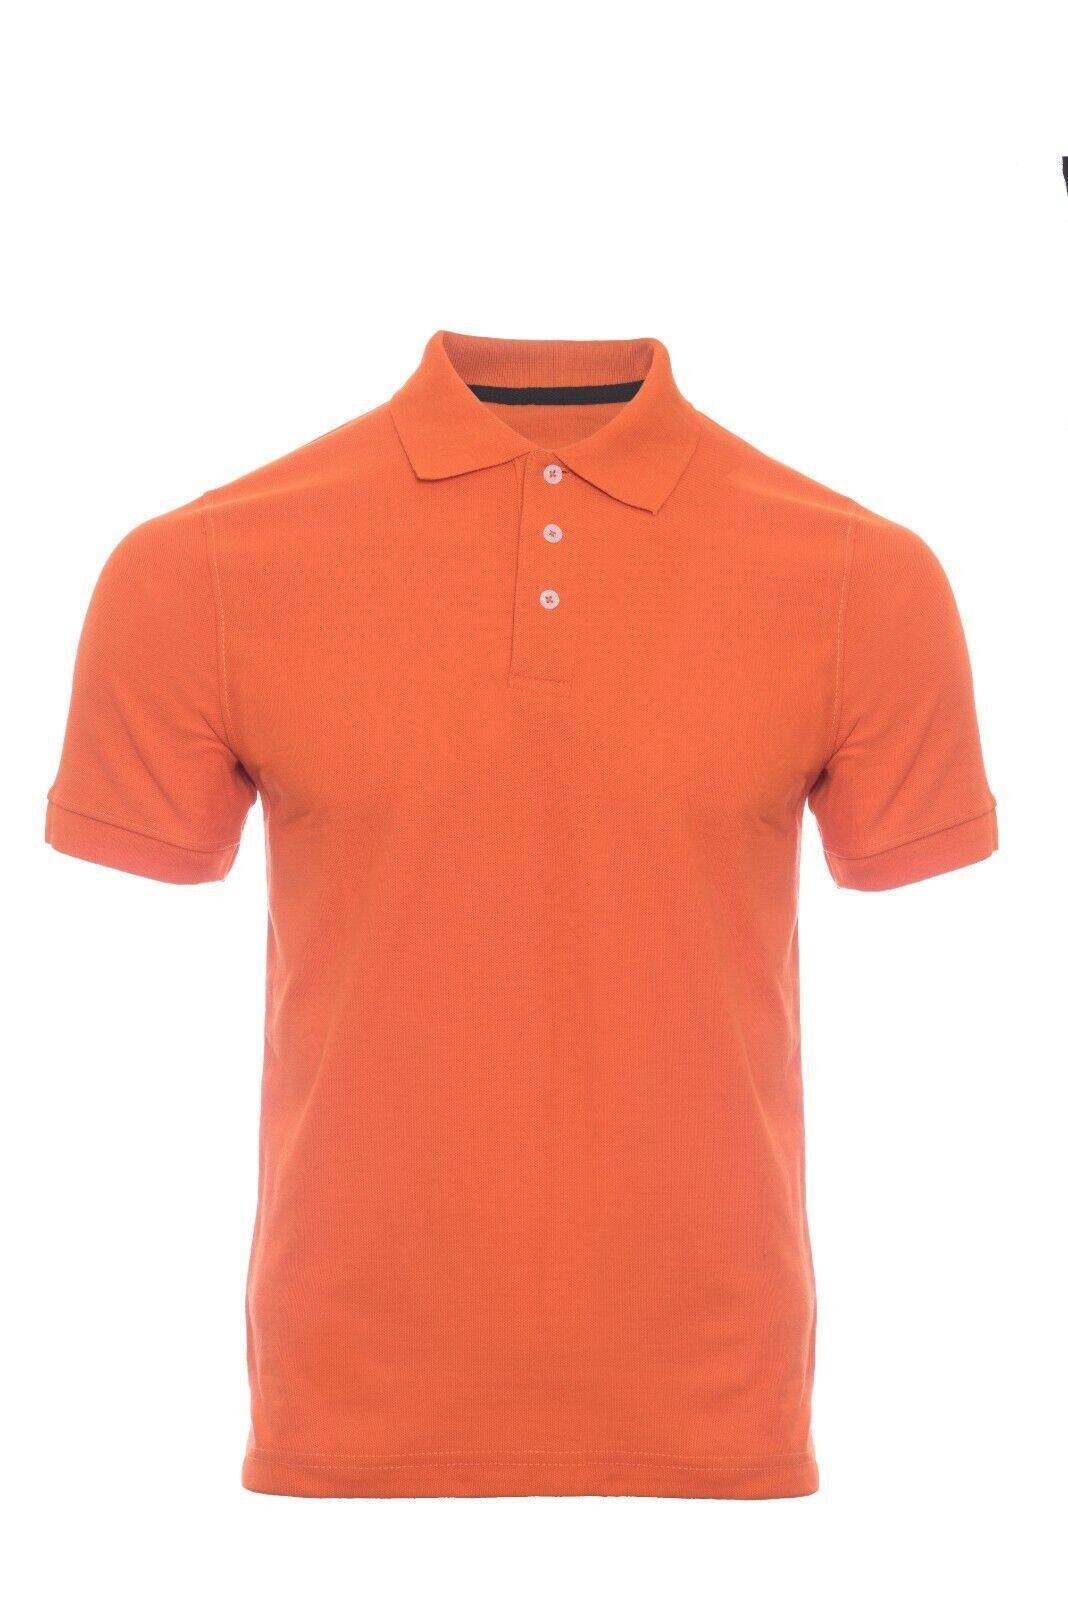 M40003-Orange